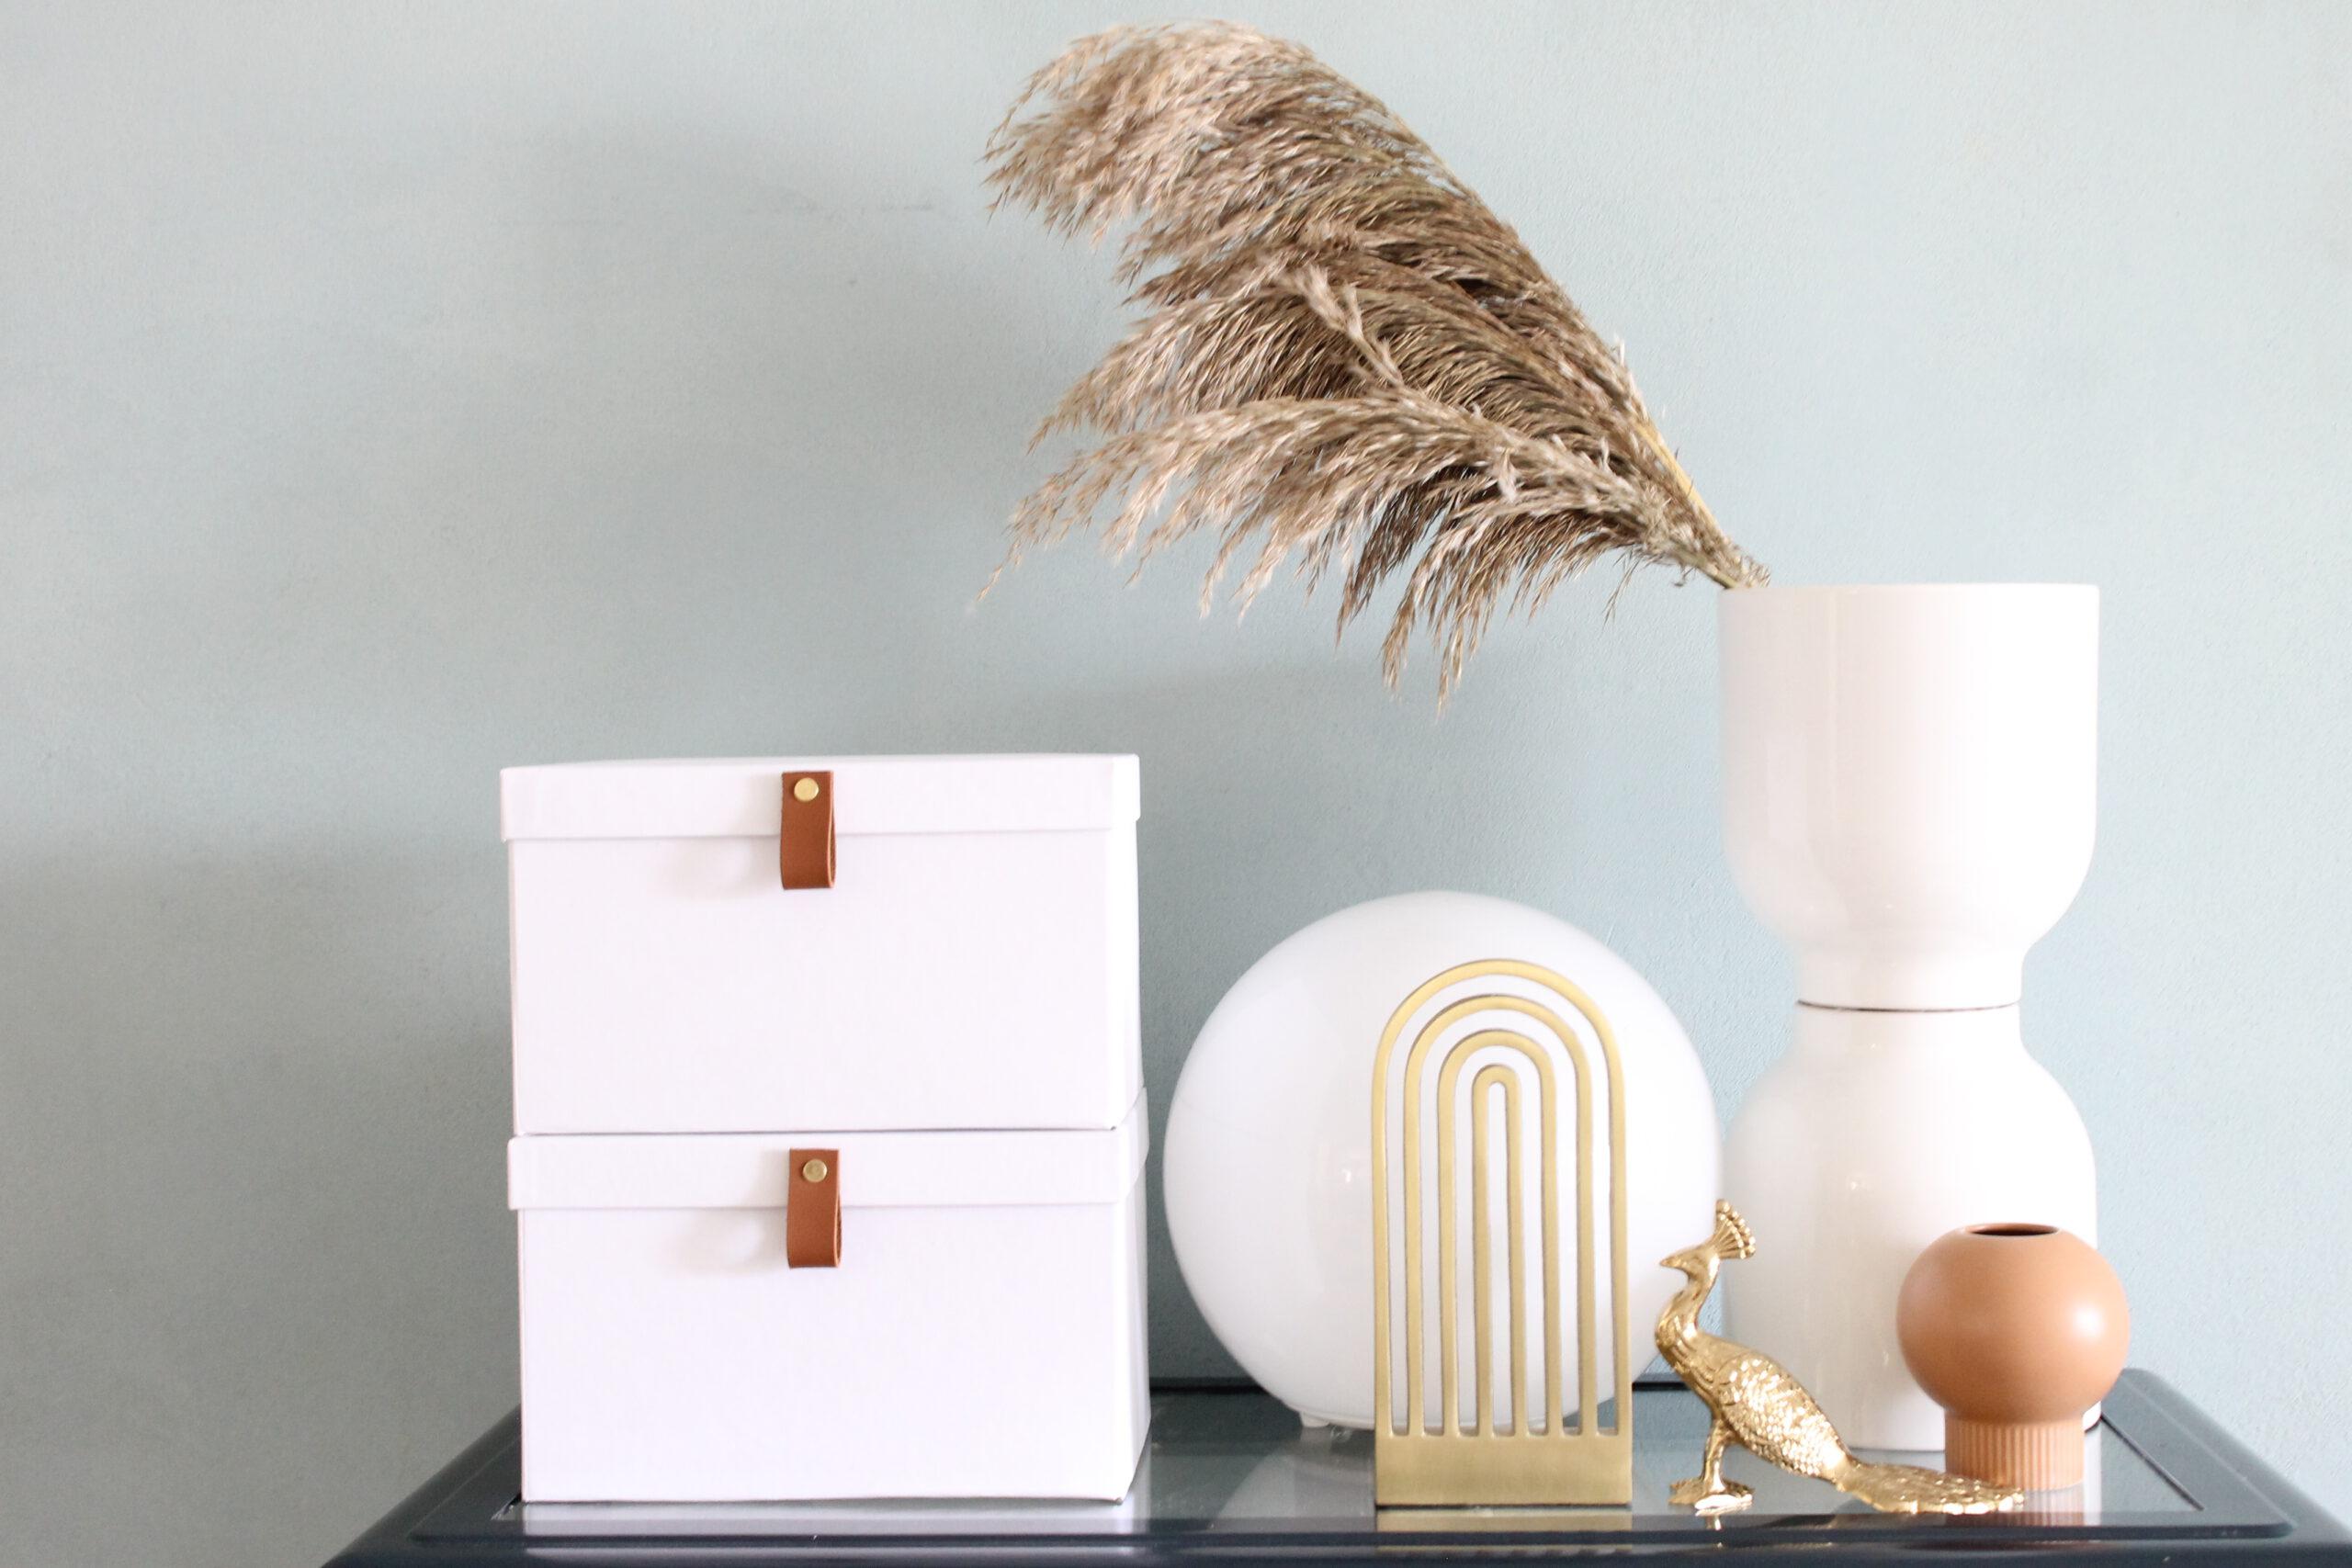 שדרוג קופסאות אחסון | DIY | IKEAHACKS | לימור אורן עיצוב והלבשת הבית